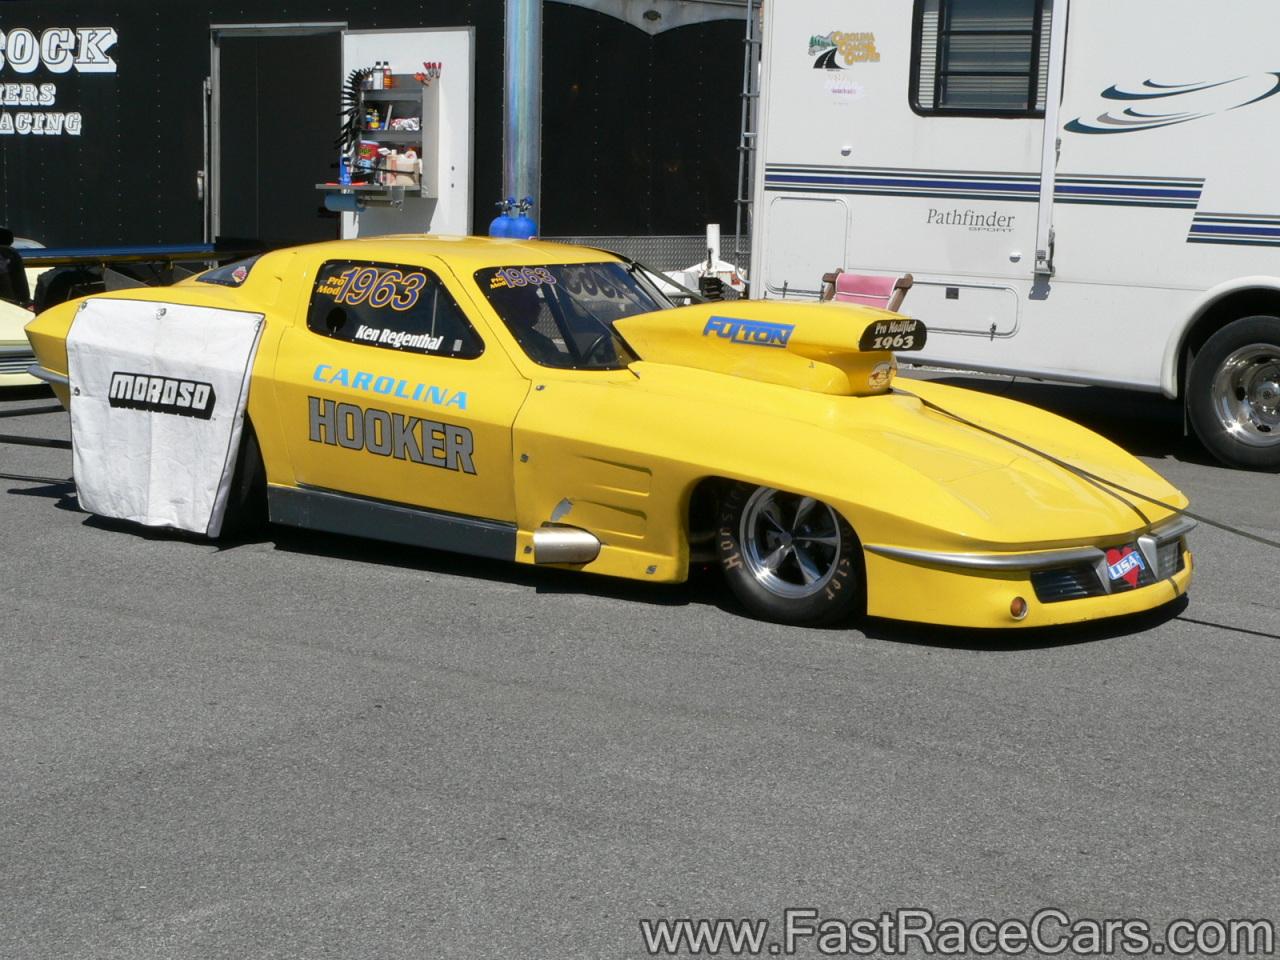 Drag race cars gt corvettes picture of orange 1963 corvette side view